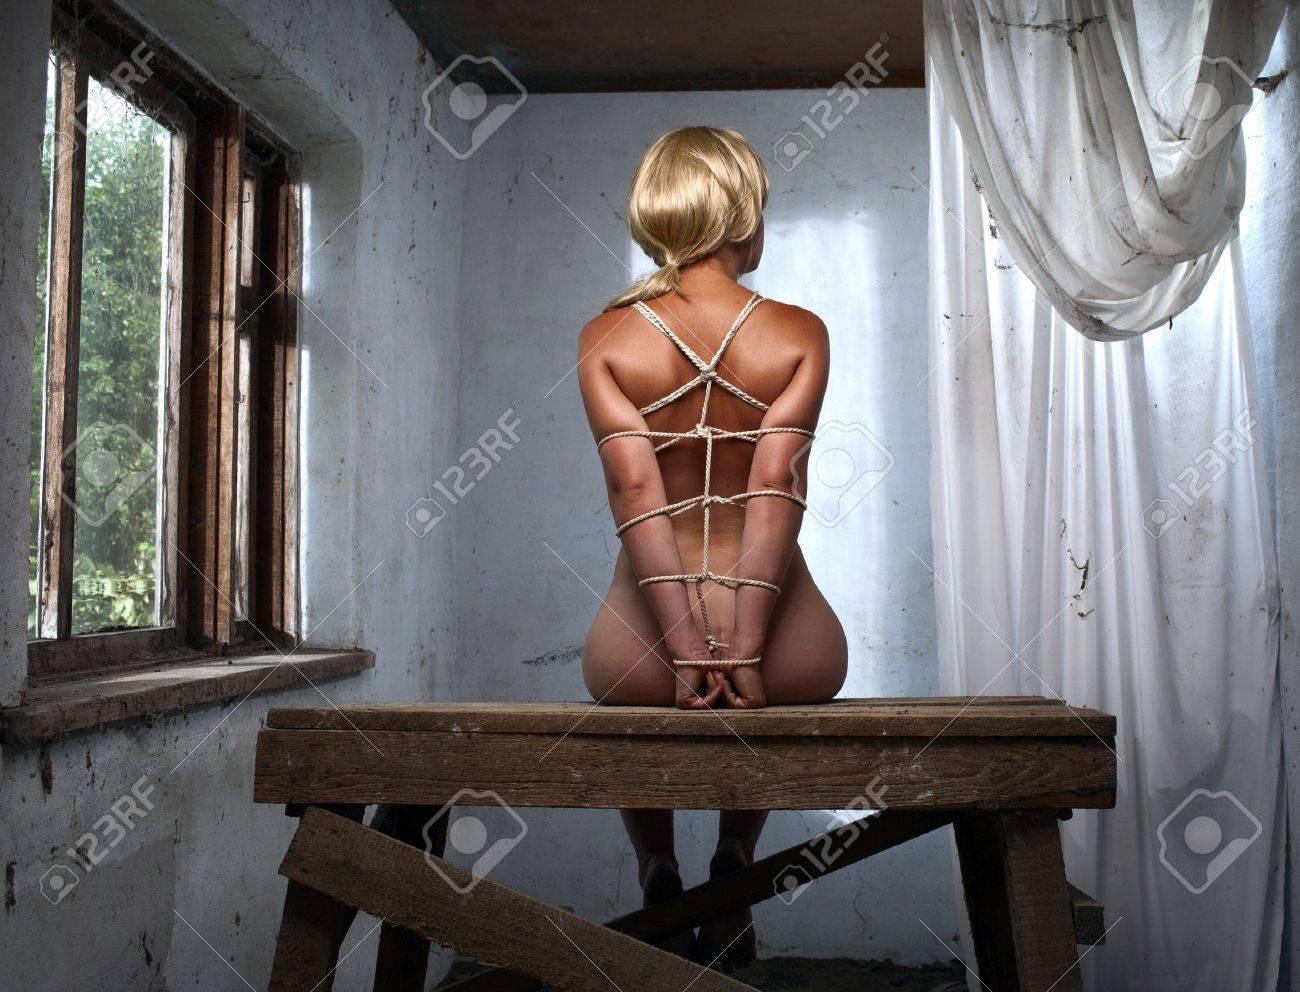 nackte Frauen in Knechtschaft